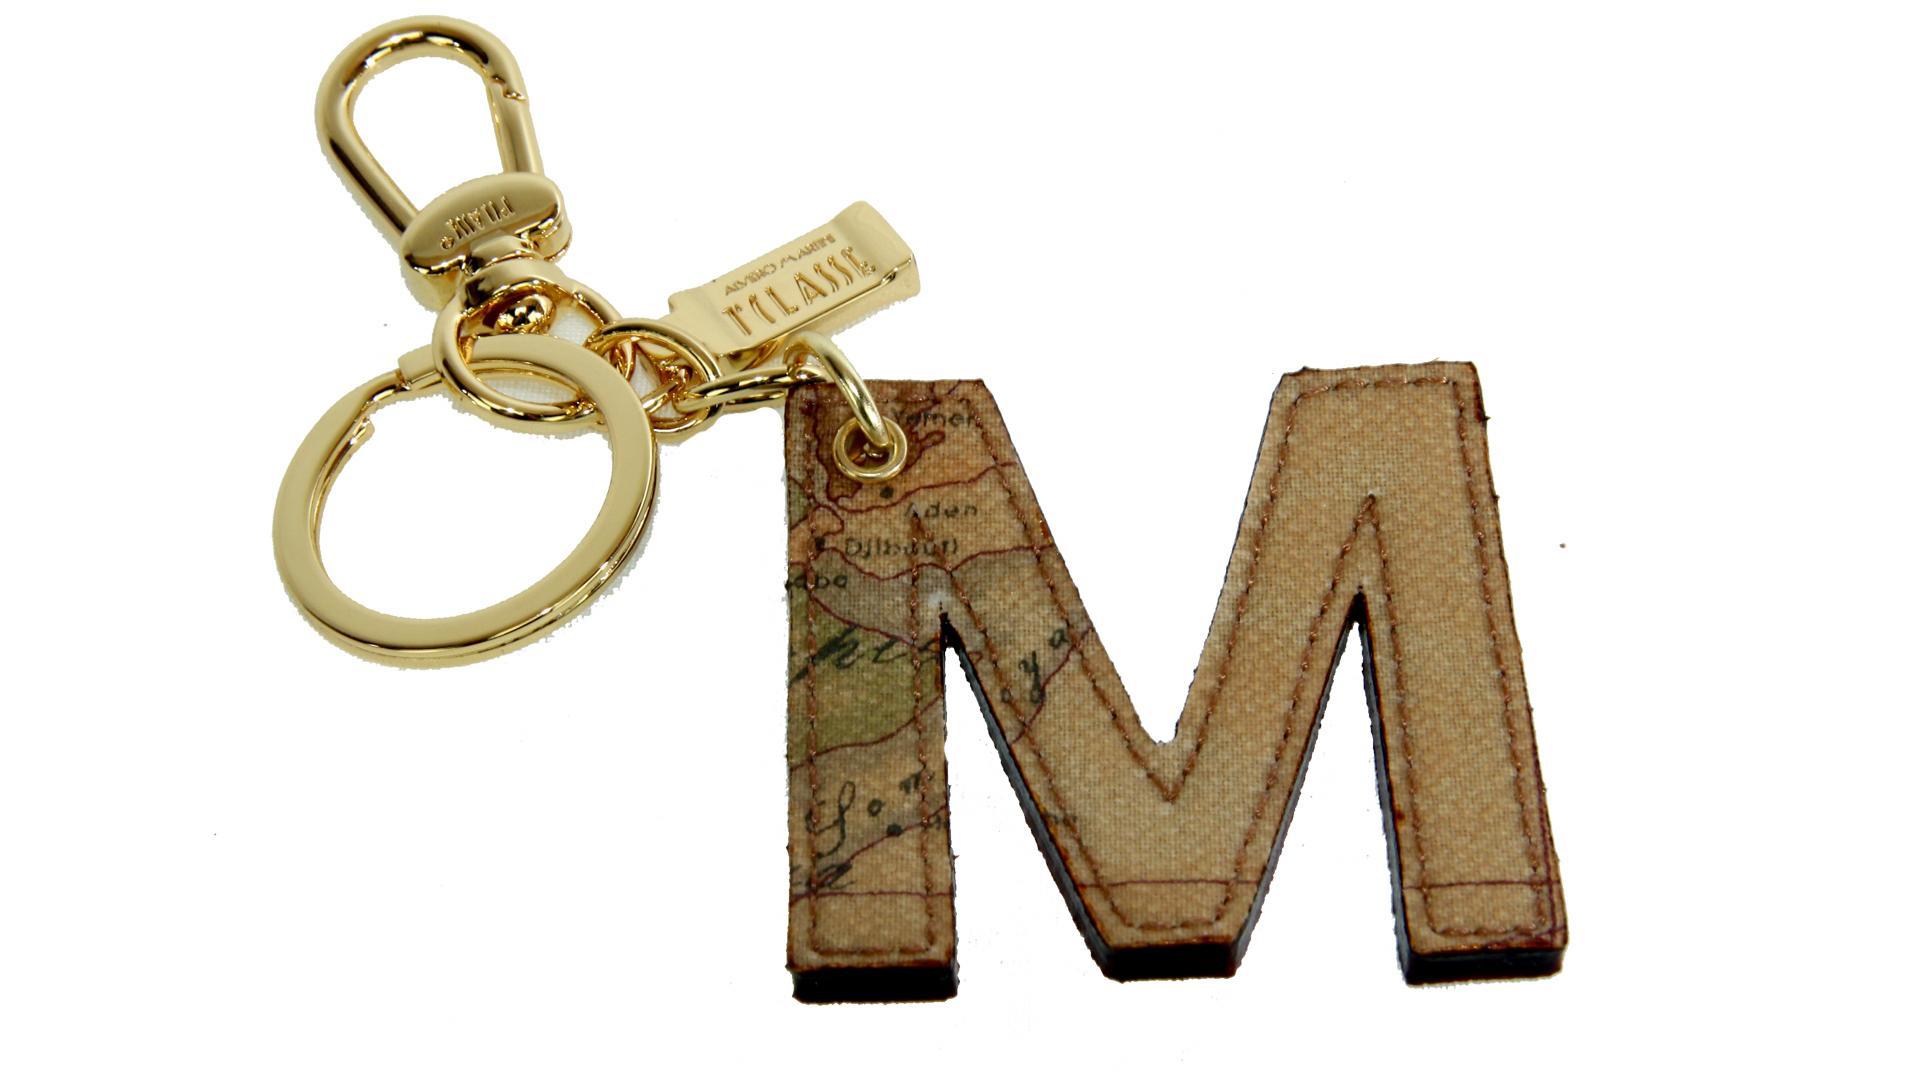 Porta chiavi alviero martini 1a classe continuativo p00m - Porta agenda alviero martini ...